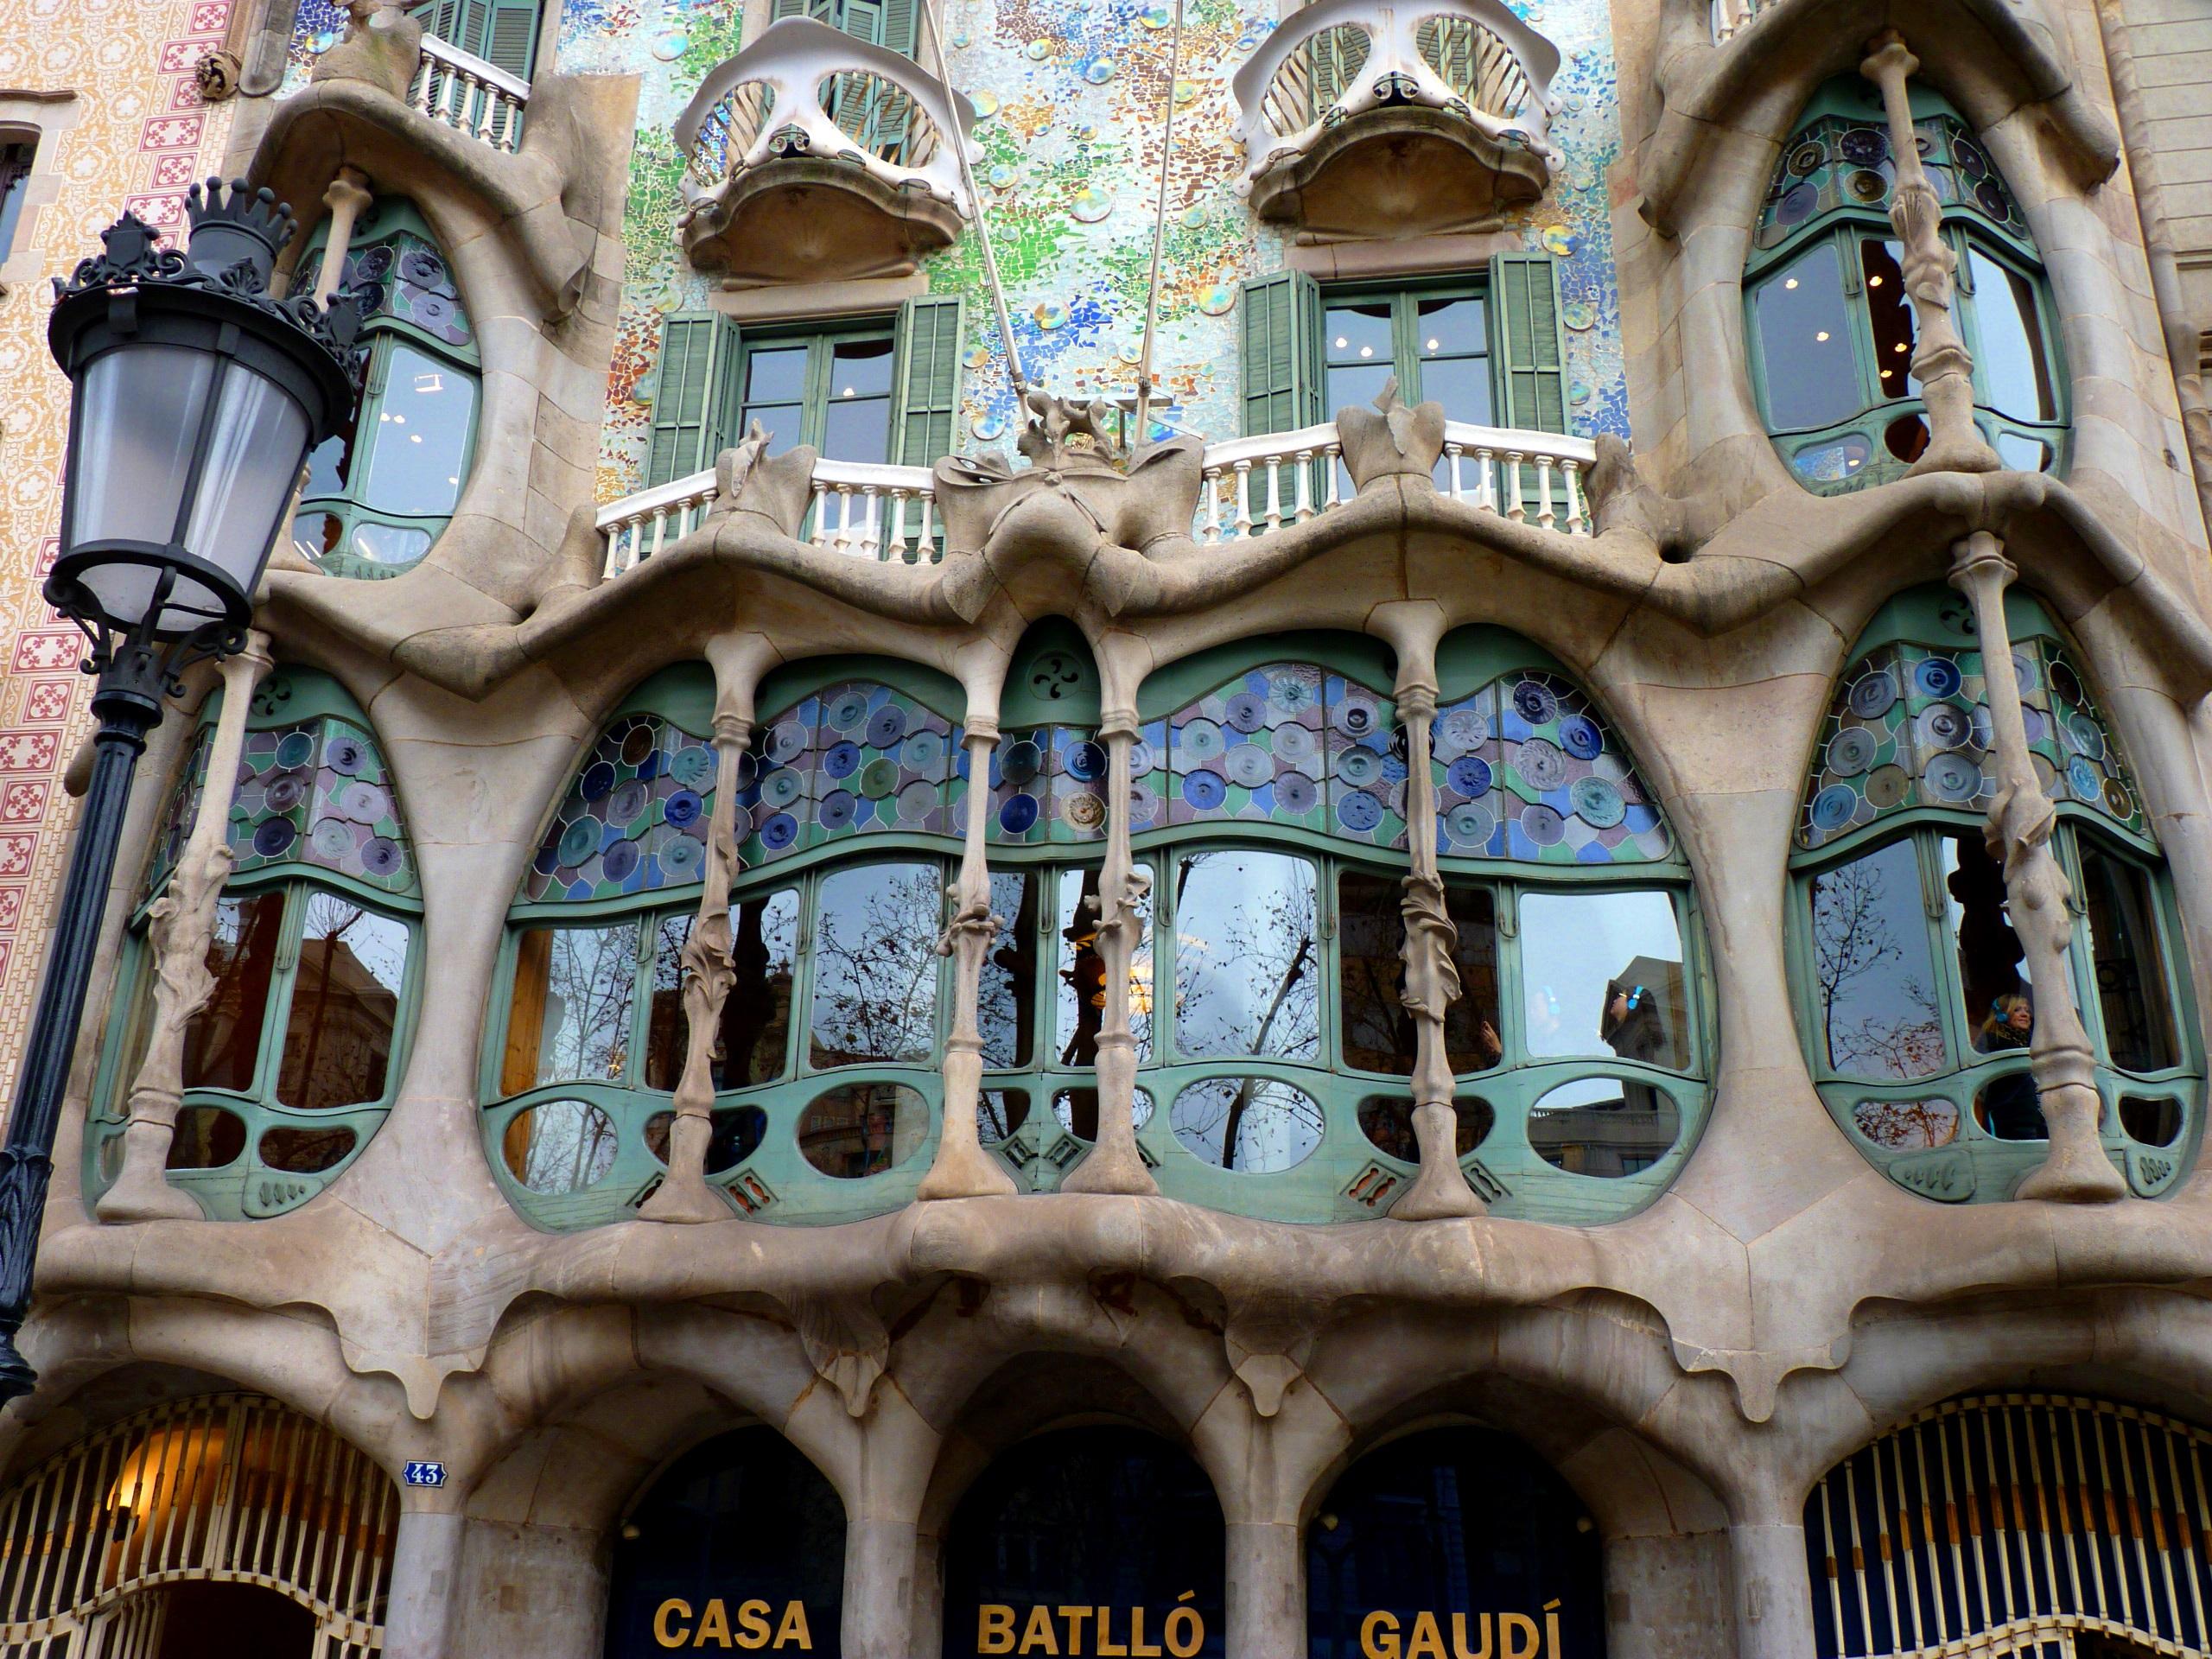 casa Battlo Gaudi